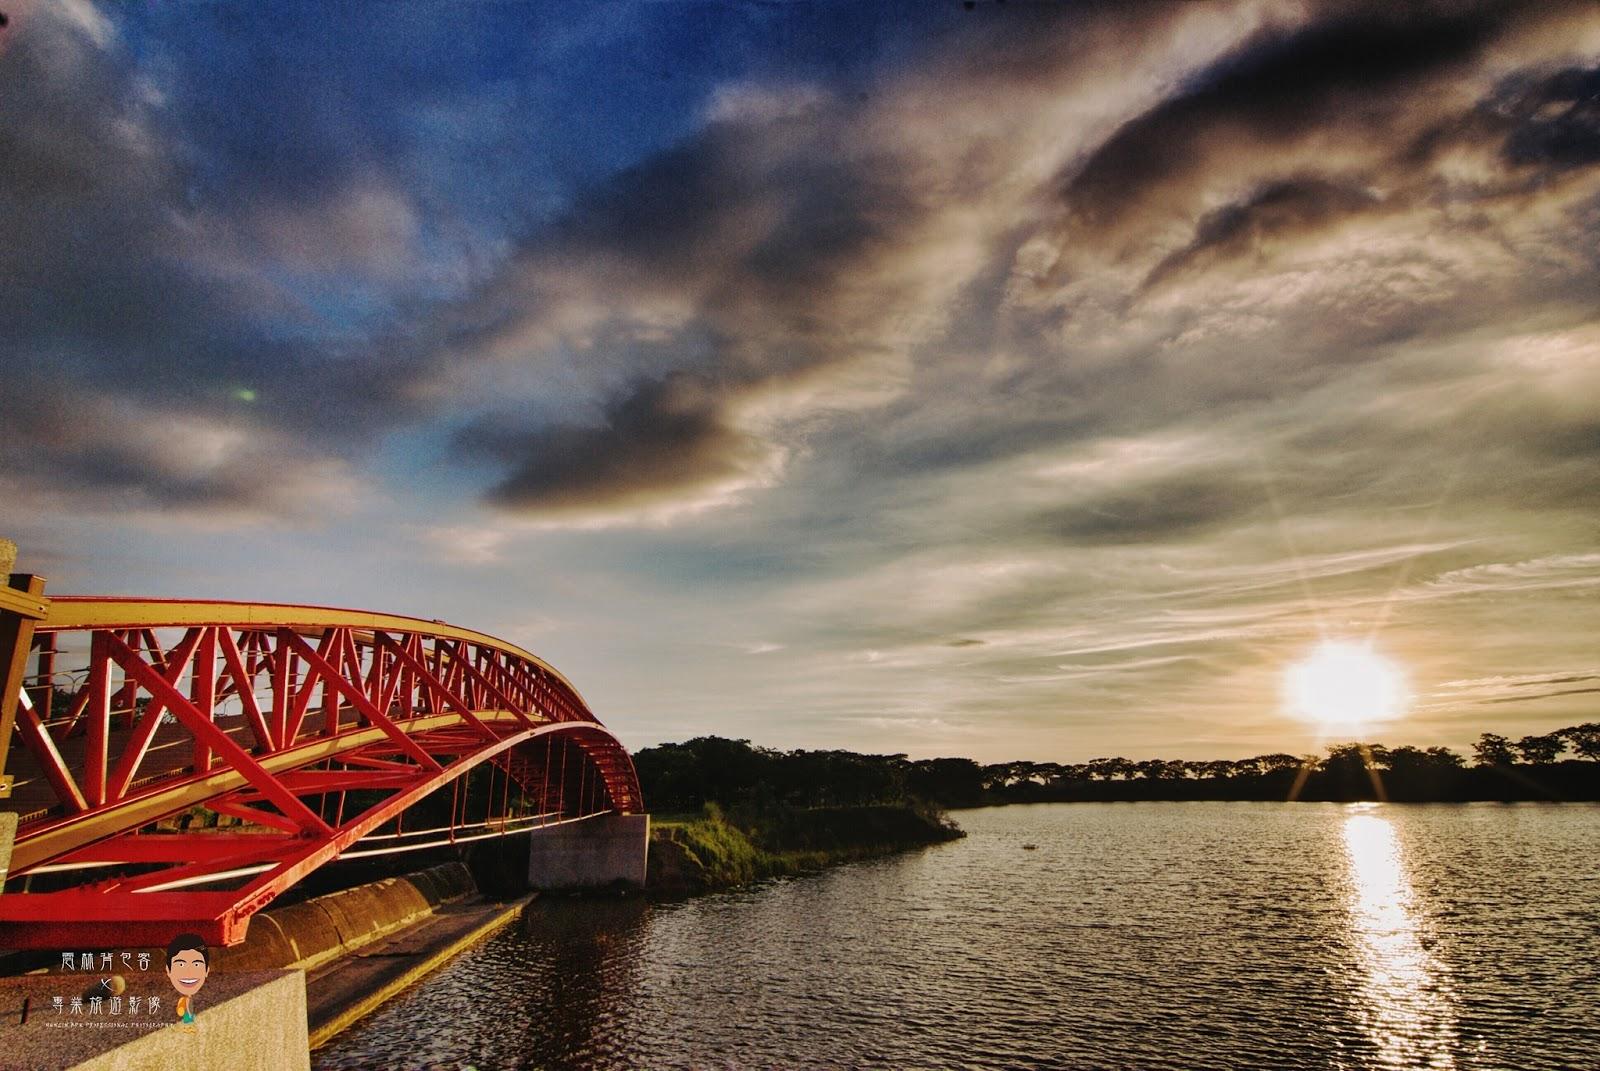 雲林斗六市郊《紫藤湖公園 隨拍夕照景觀拱橋》適合散步與夜晚看星星